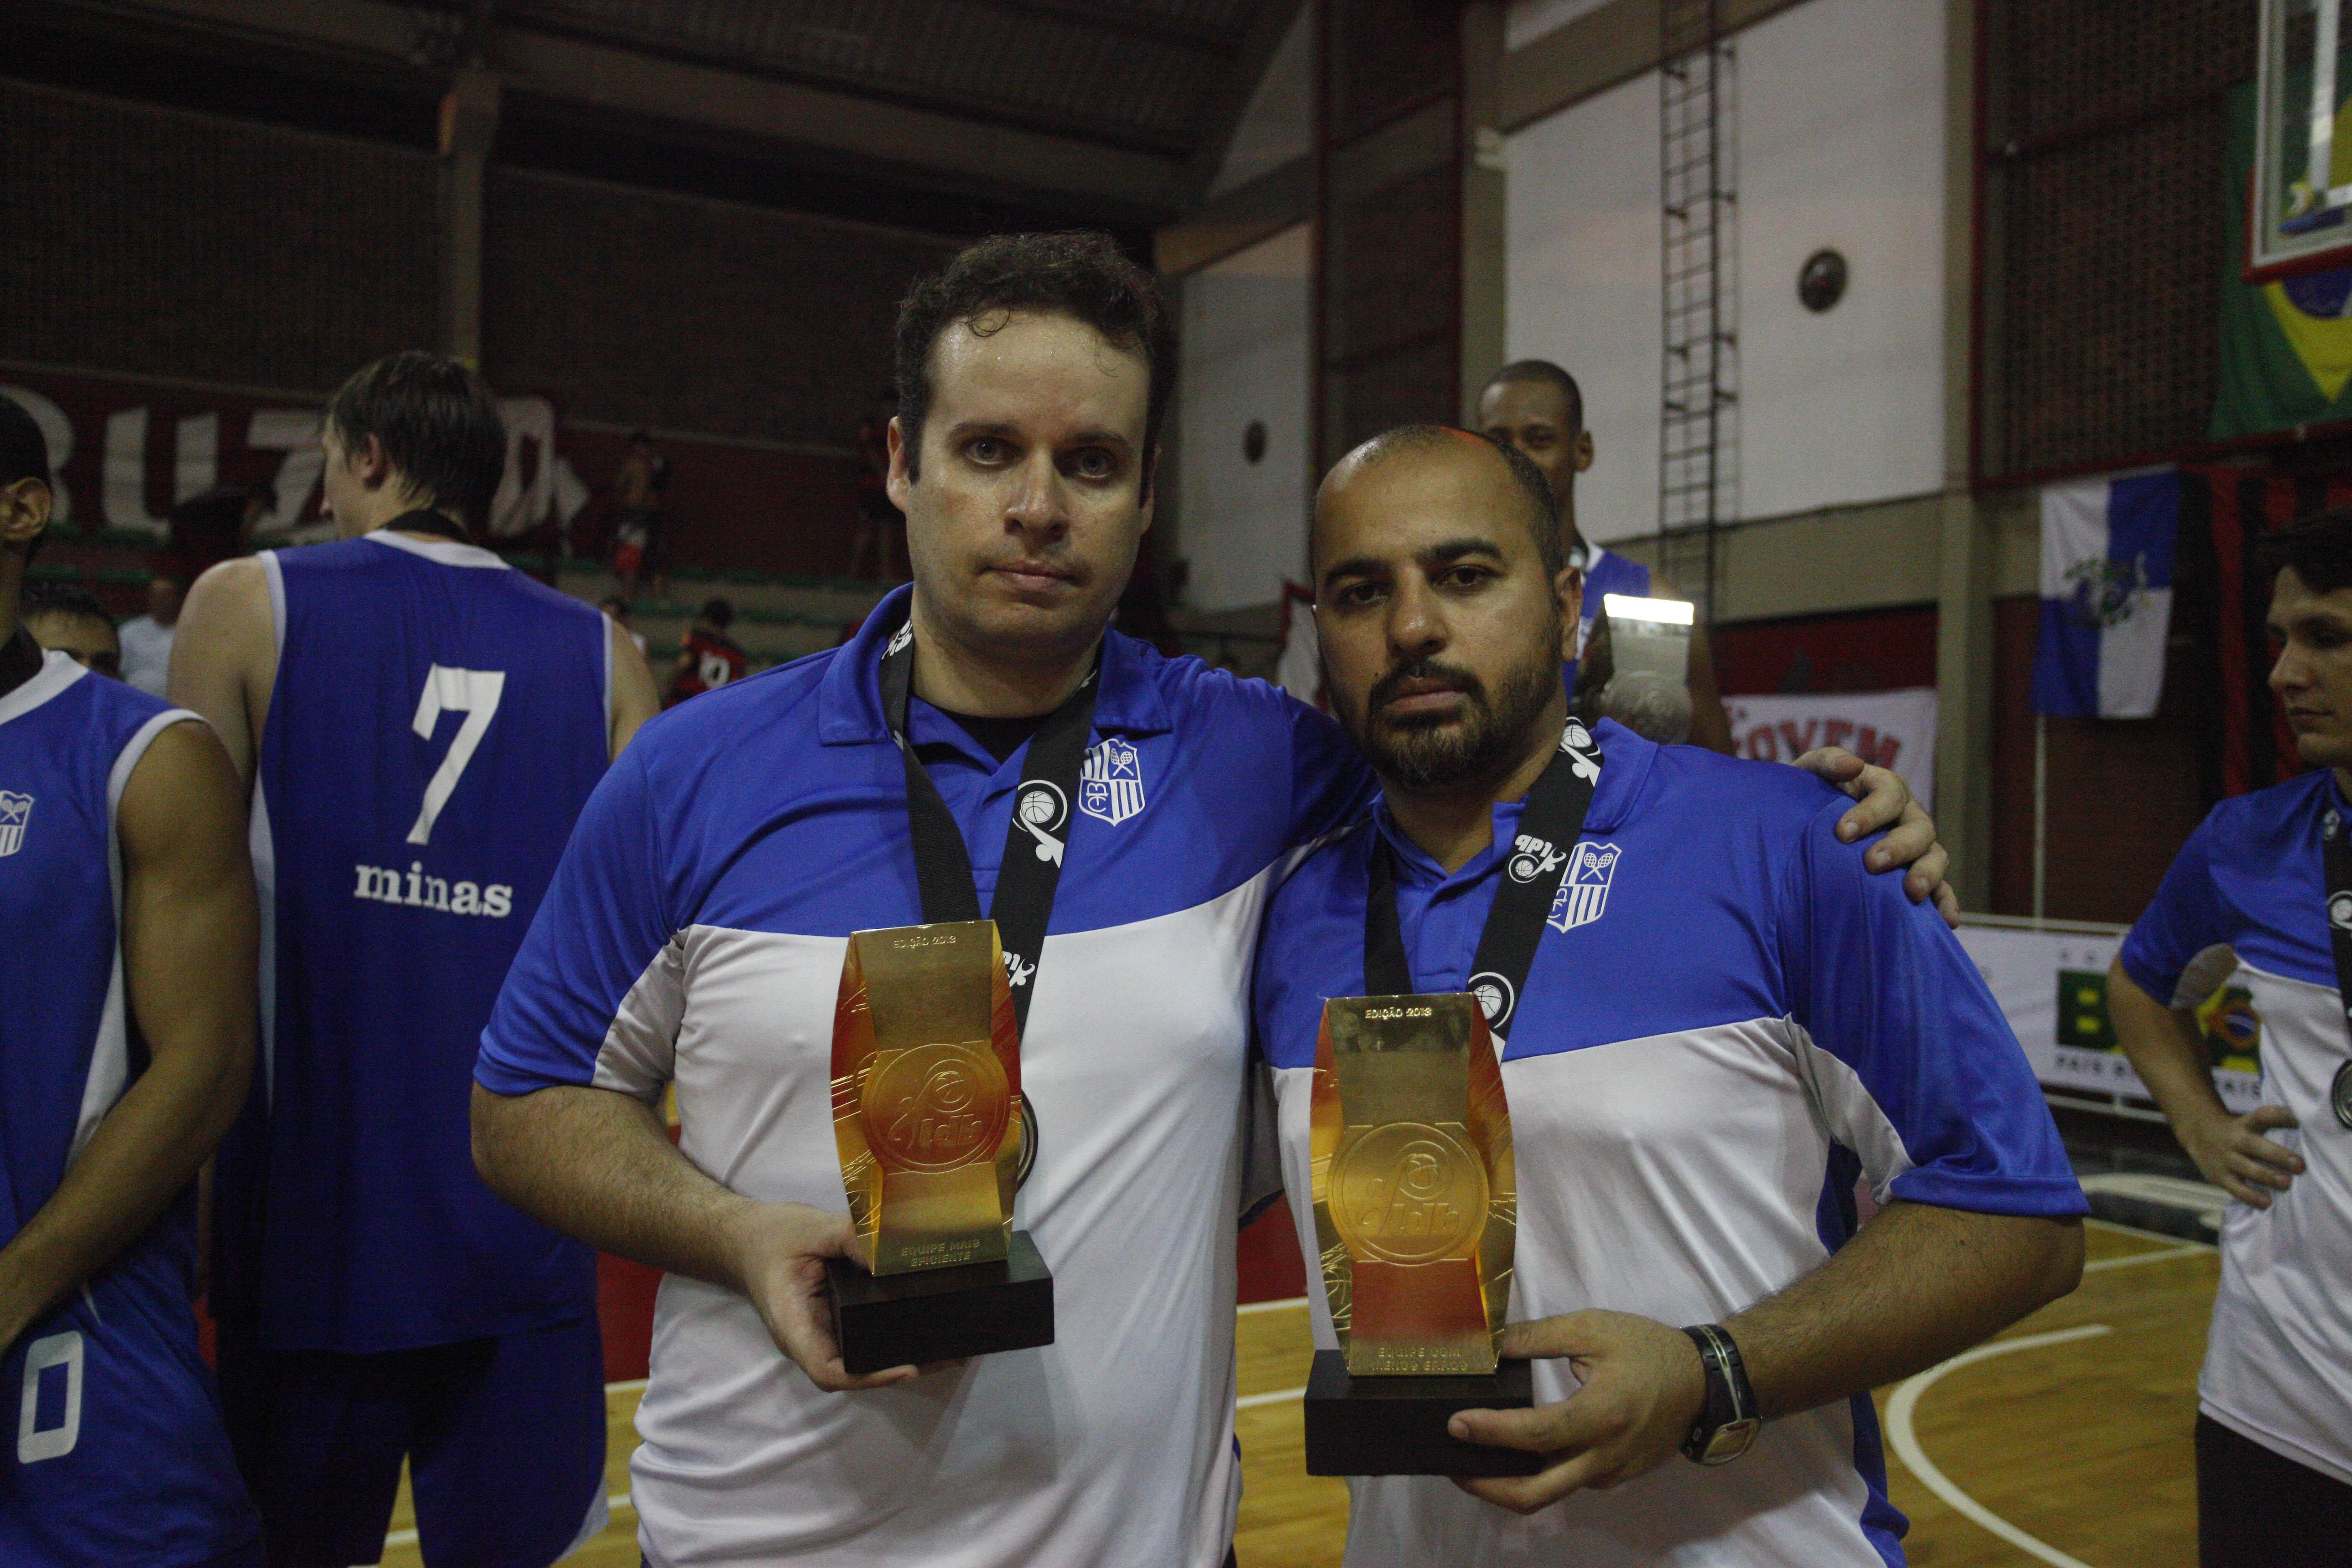 O Minas conquistou os dois prêmios individuais da LDB 2013 (Lucas Figueiredo/LNB)